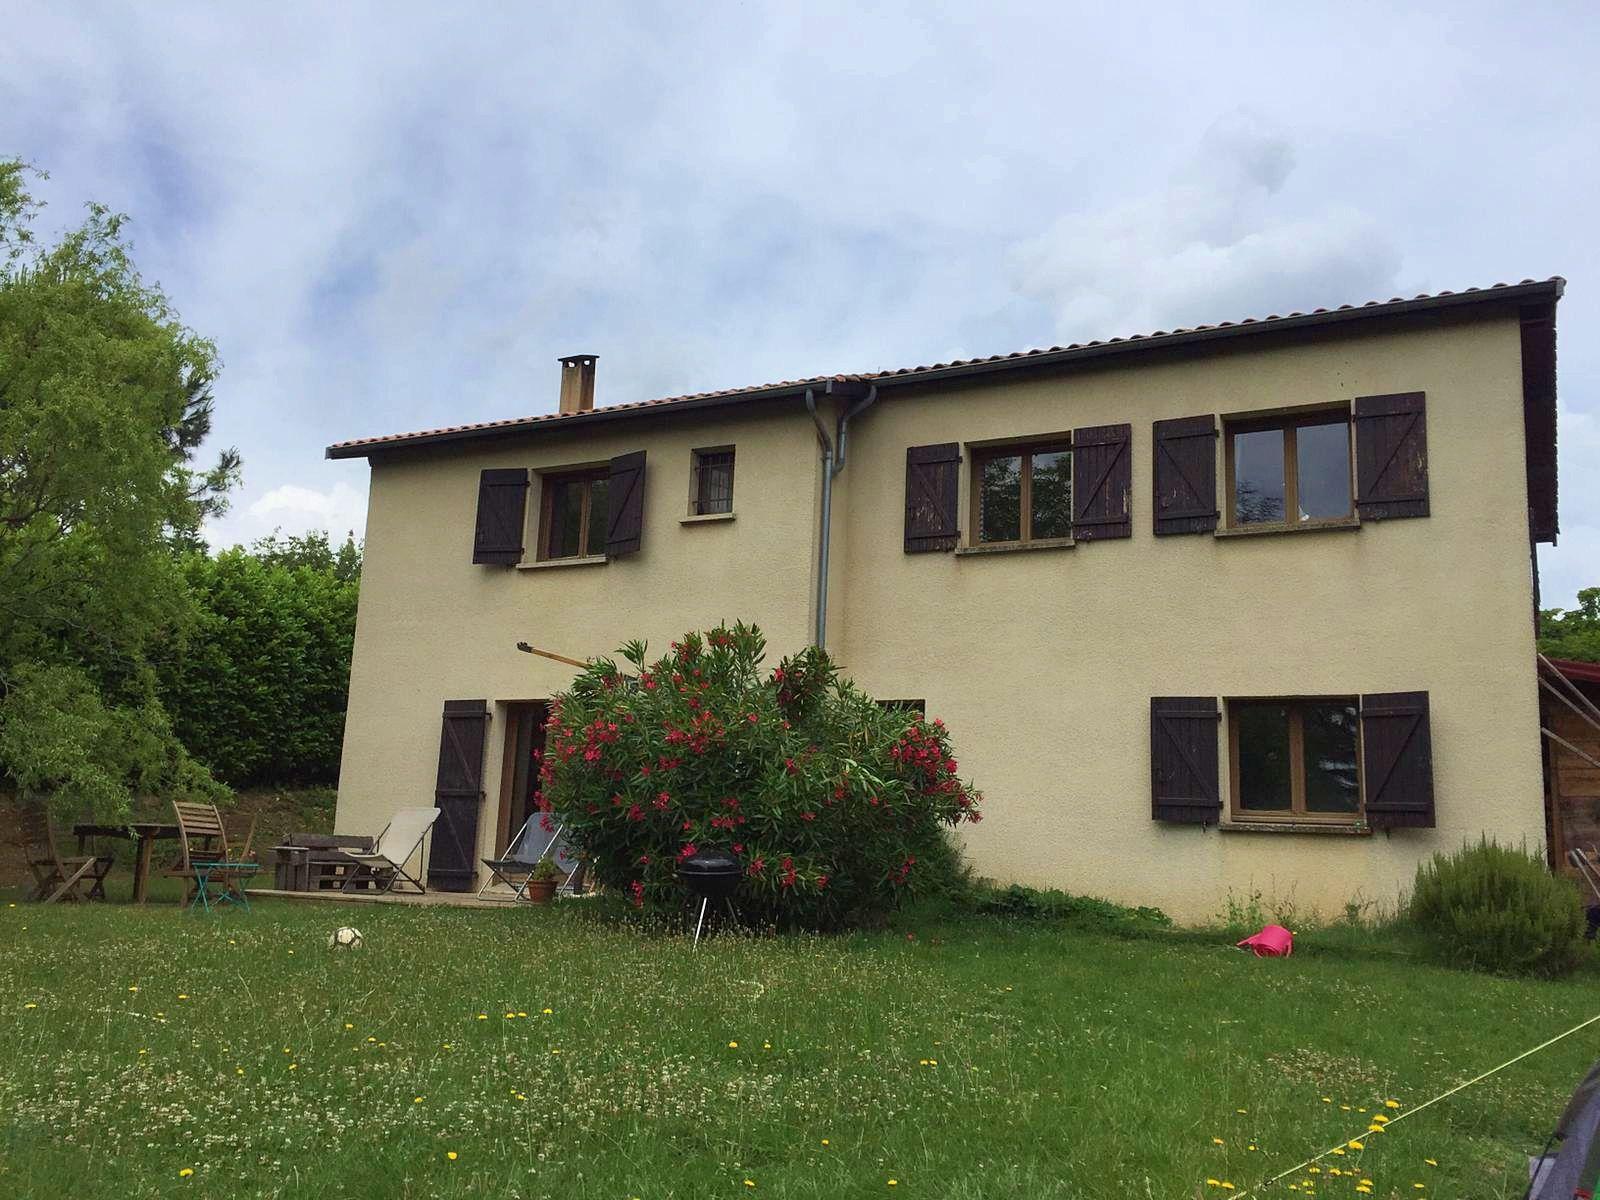 Loue maison F76ch, garage, 1500m² terrain, Lyon, Vienne